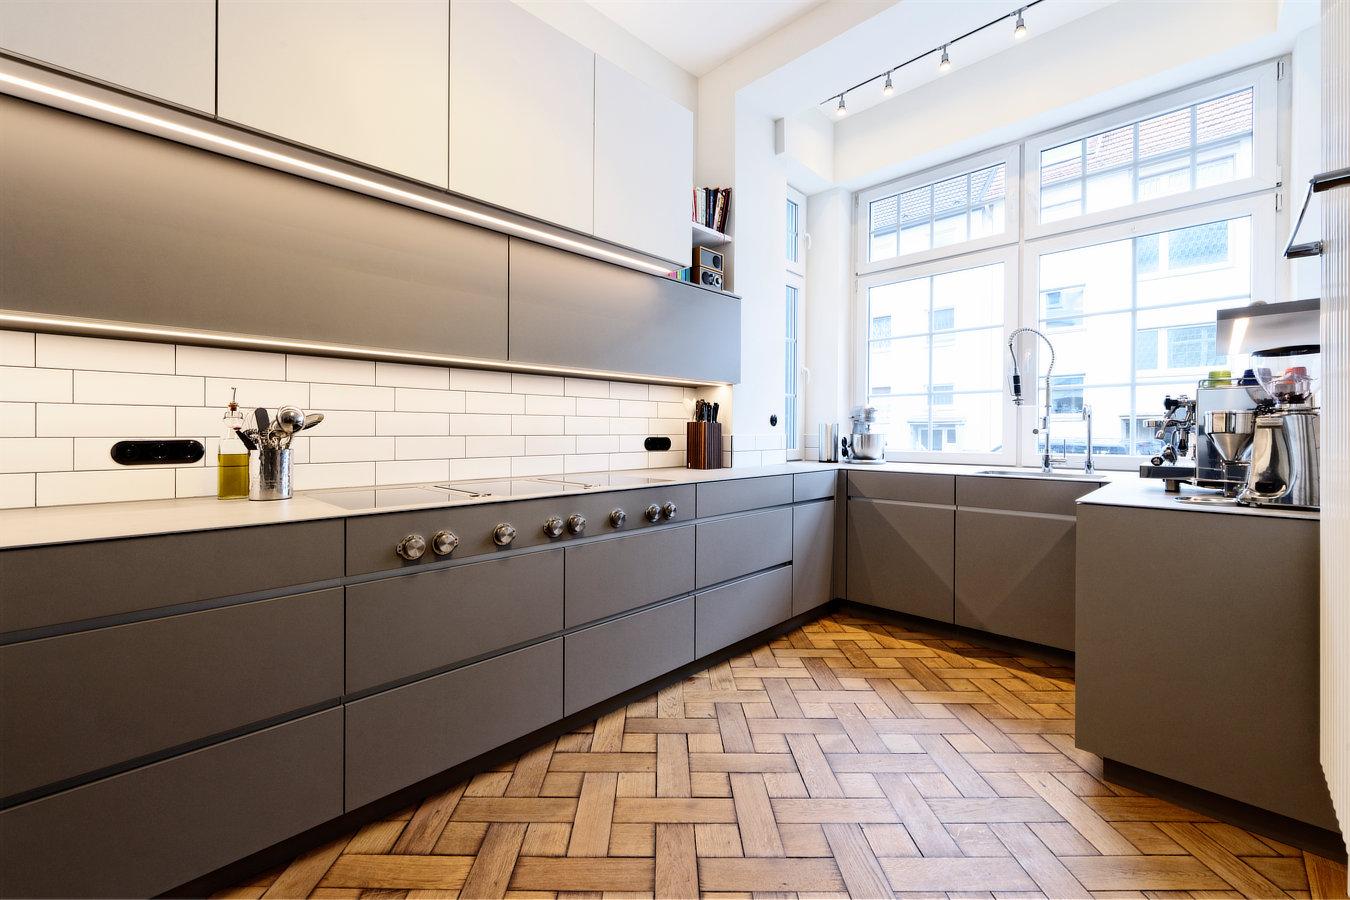 Küche Altbau architekturfotografie martin wissen photography